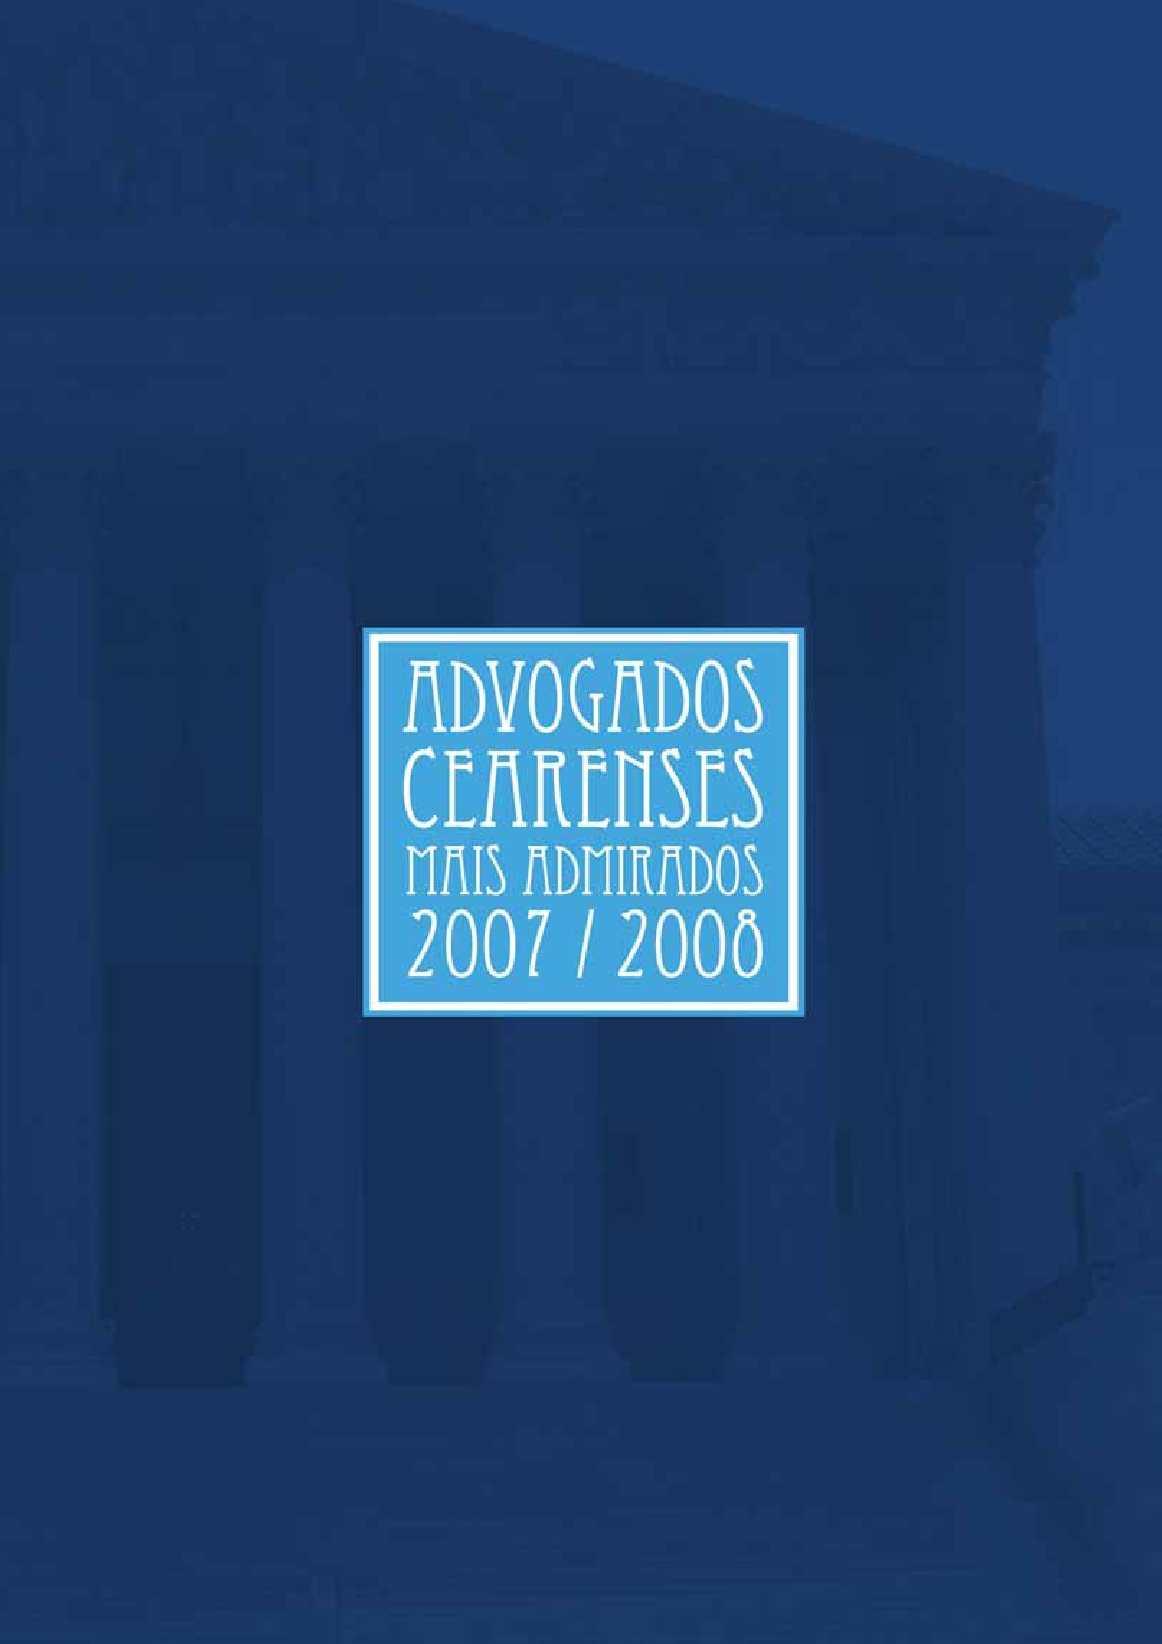 Calaméo - Advogados Cearense 200  2008 f02df882cb